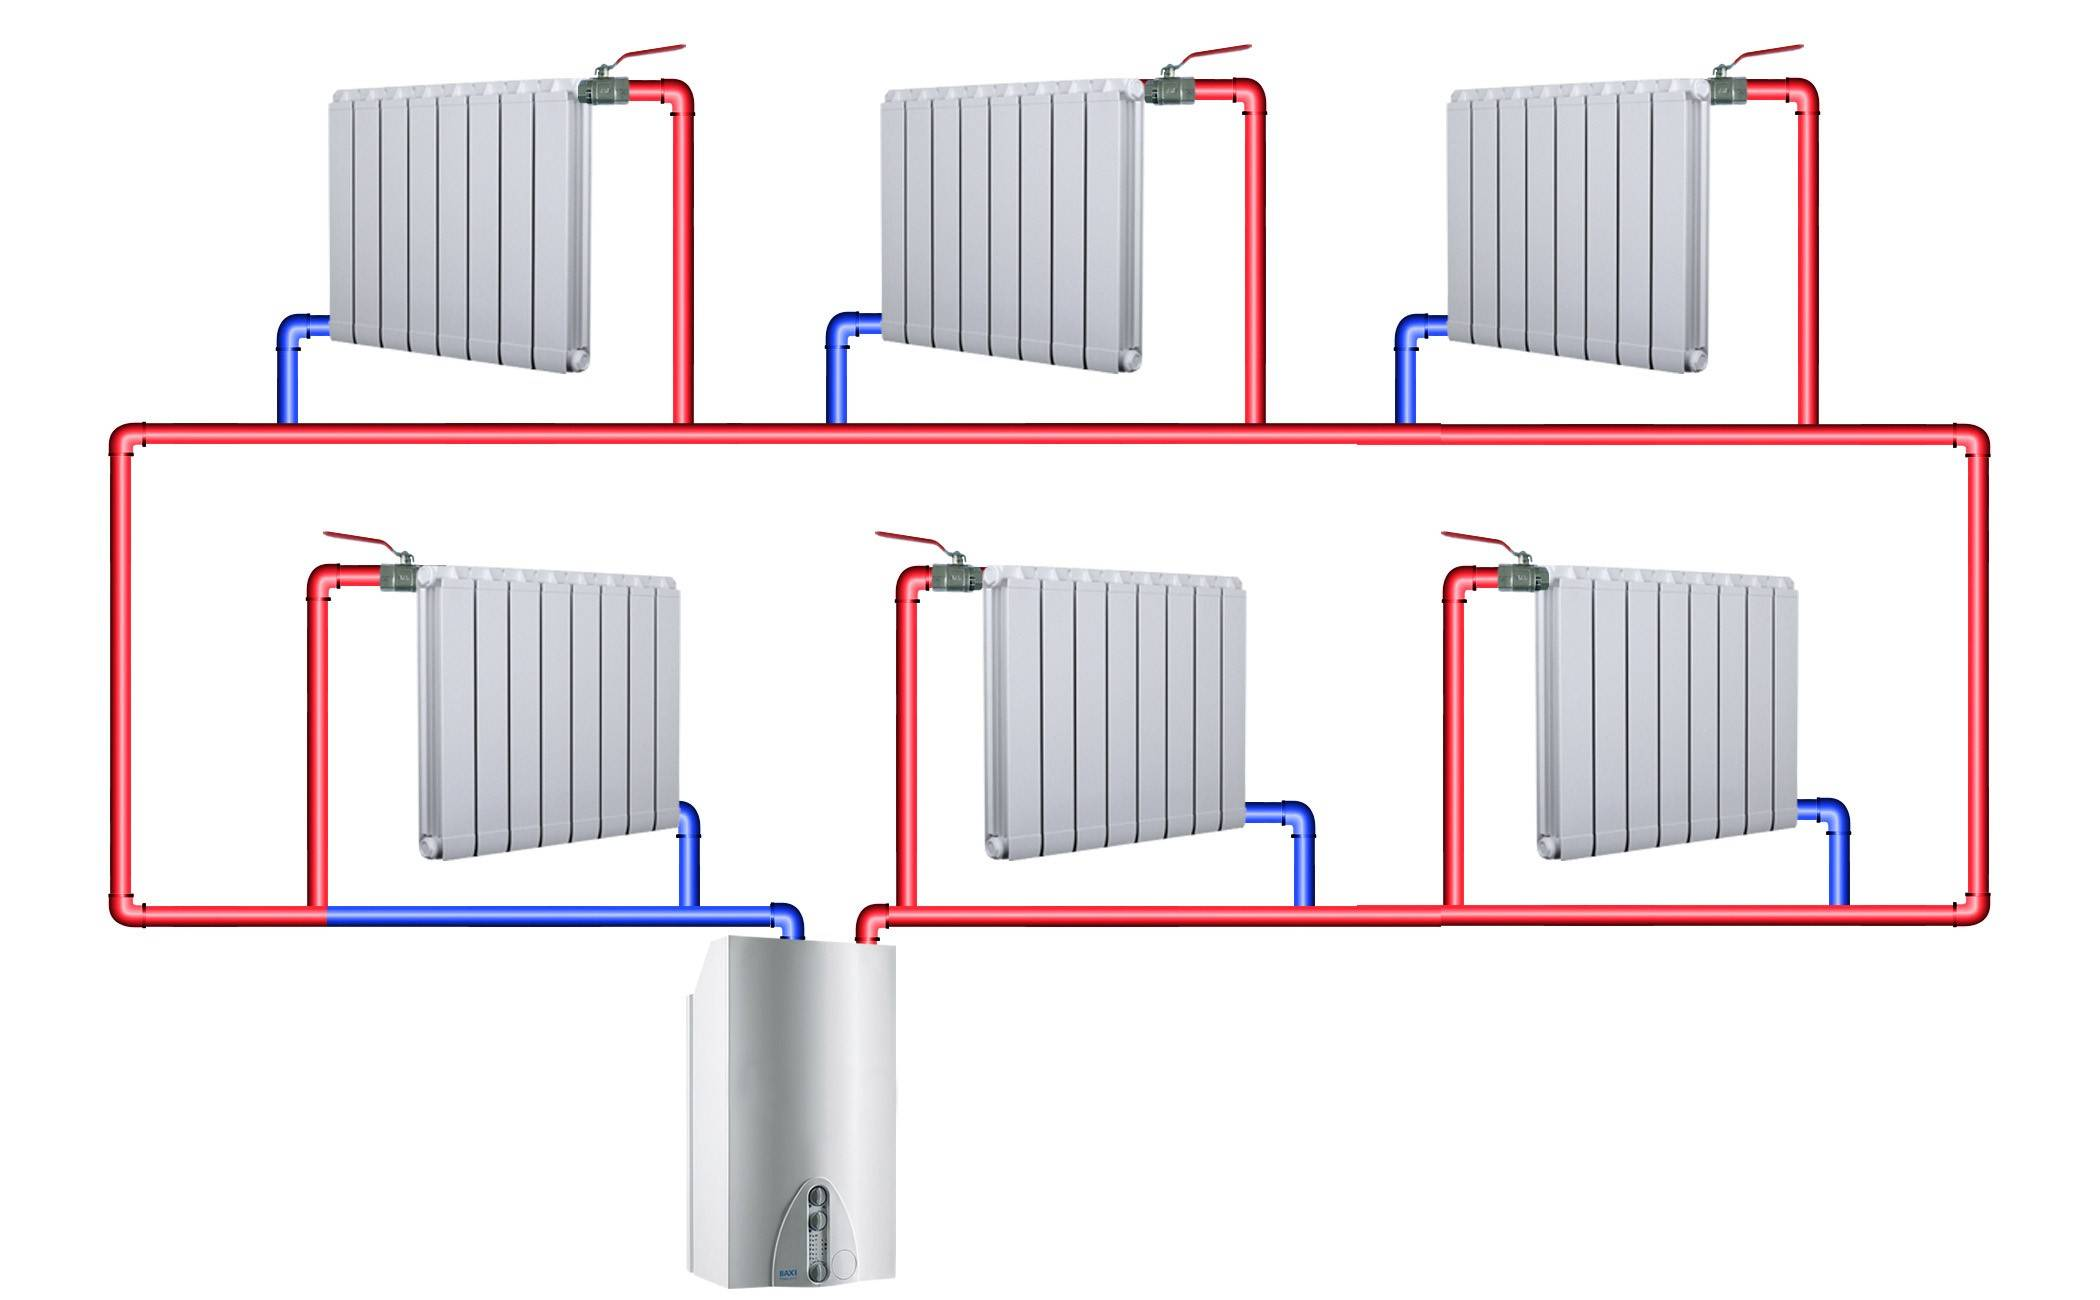 Схемы и чертеж подключения самодельных регистров отопления